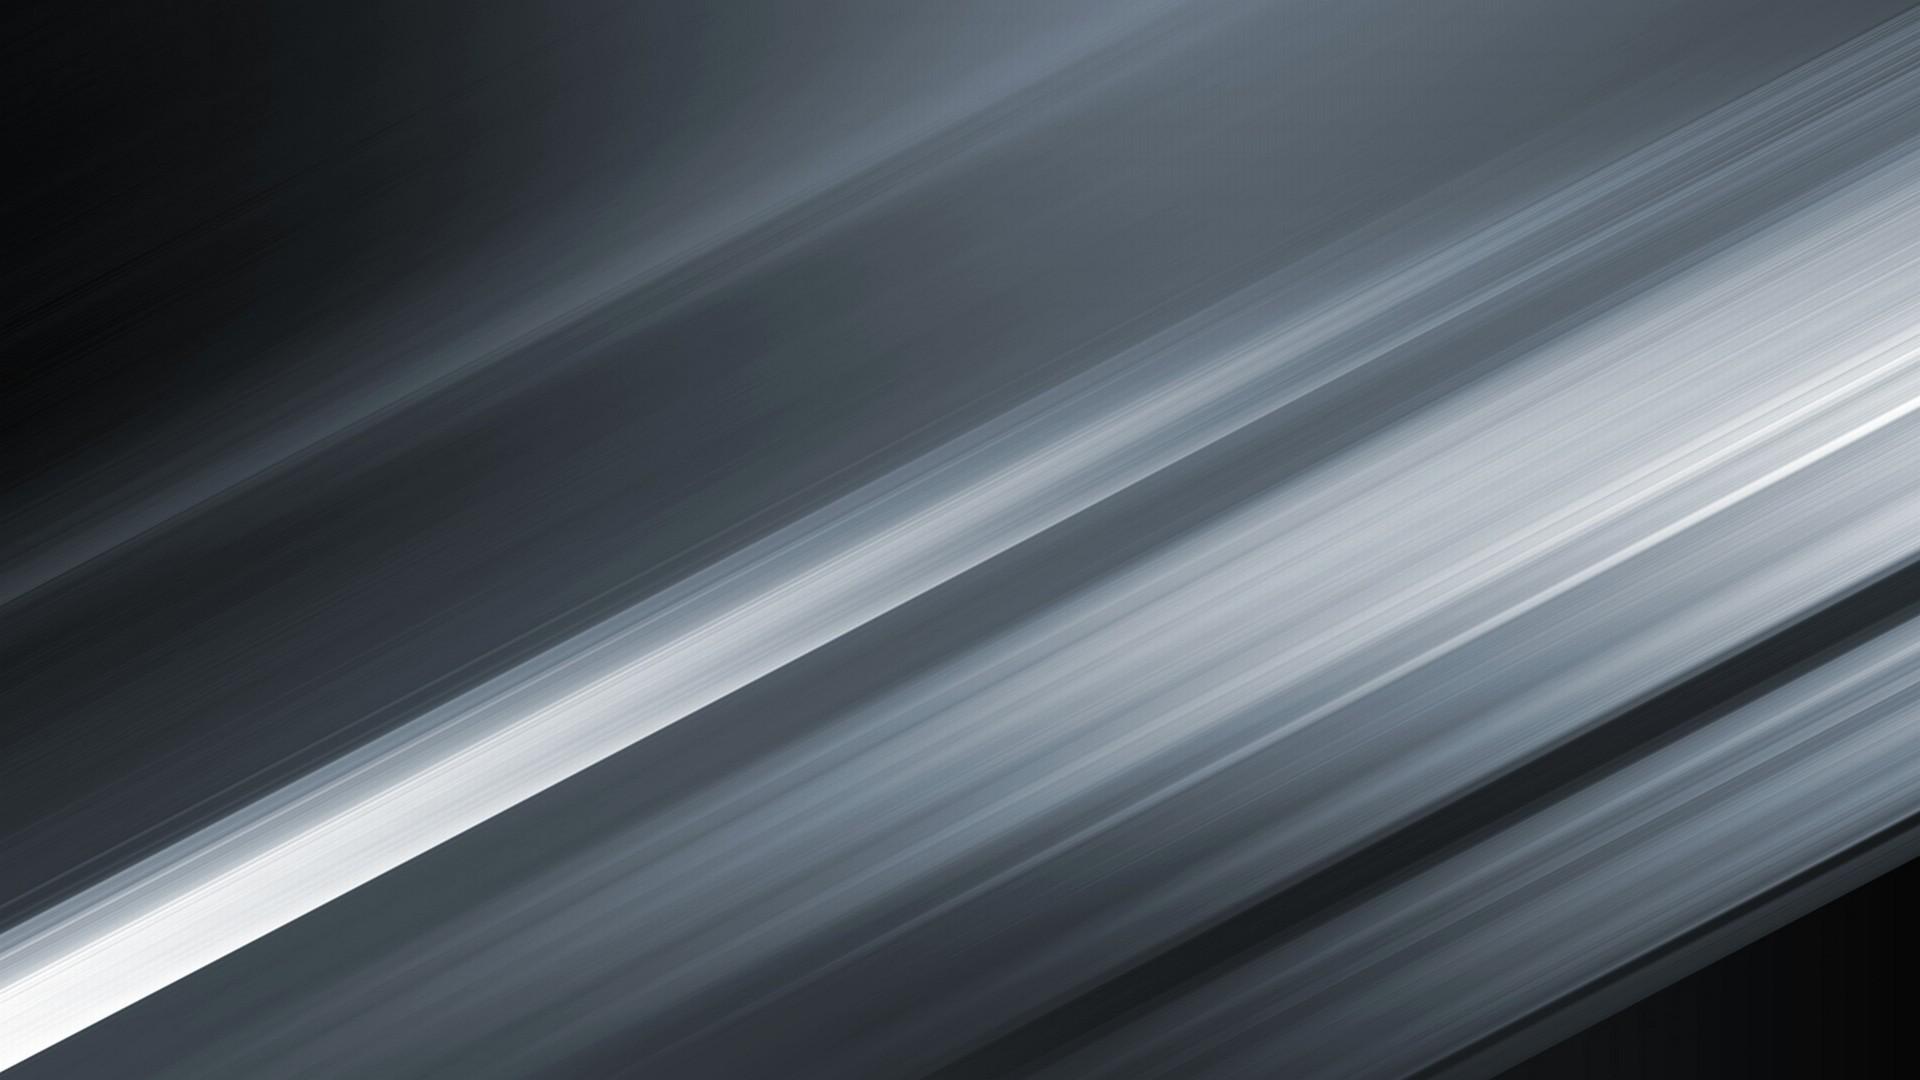 Sfondi bianco e nero 55 immagini for Sfondi bianco e nero tumblr